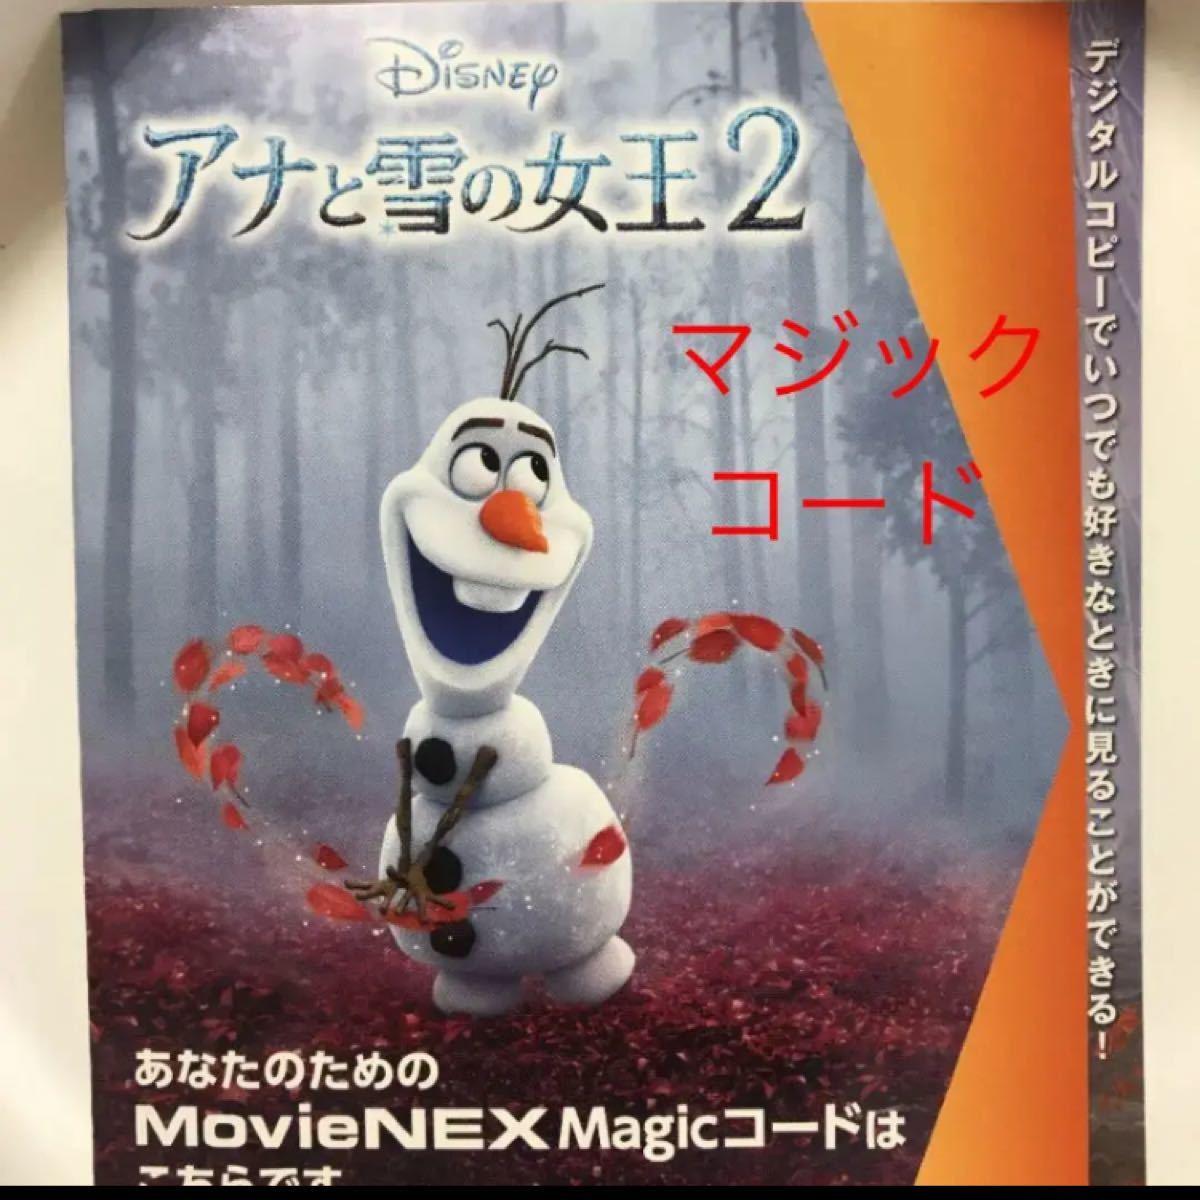 大人気 アナと雪の女王 2 マジックコード